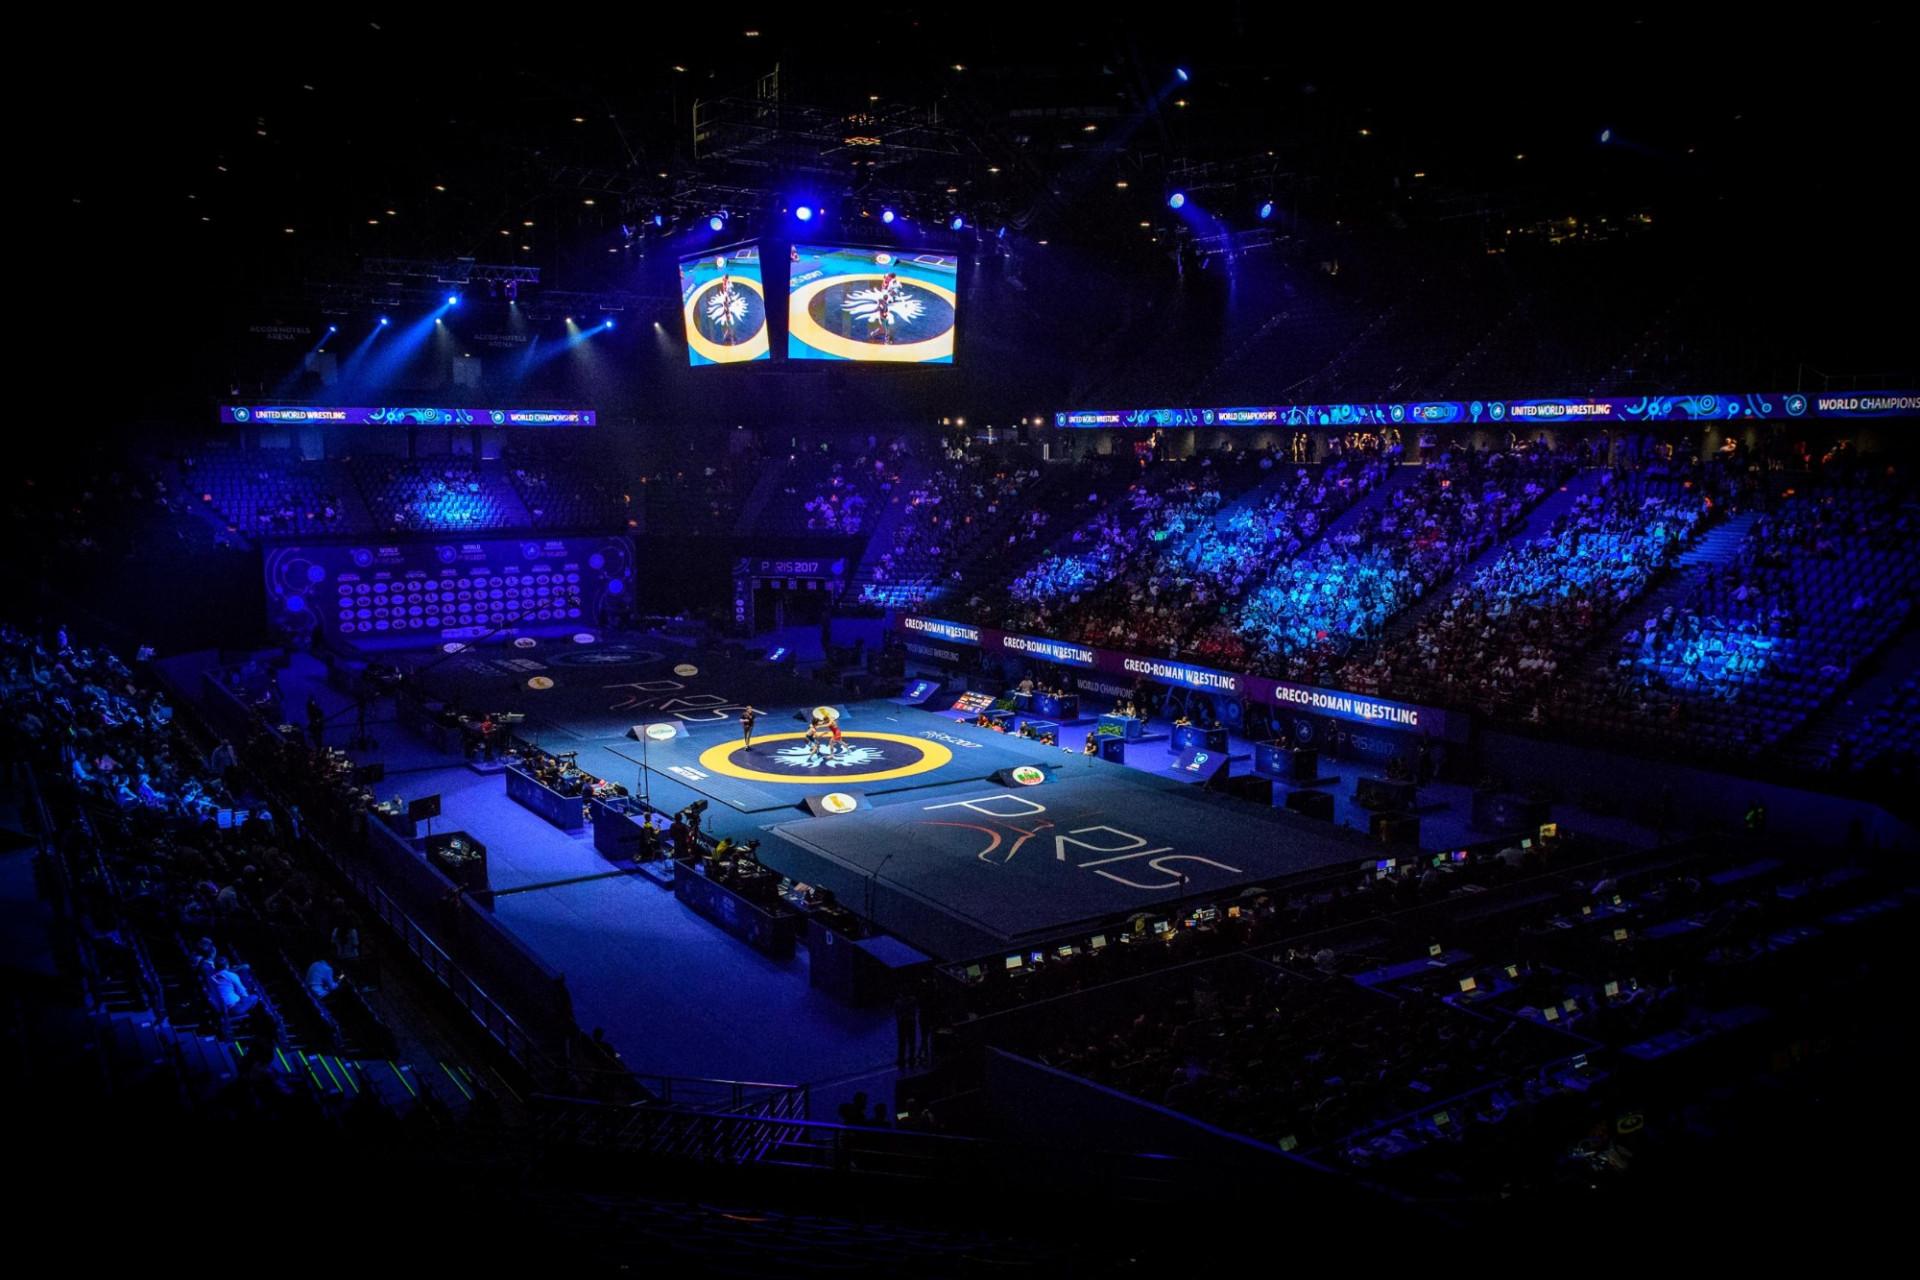 UWW объявил решения относительно корректировок в календаре и олимпийской квалификации